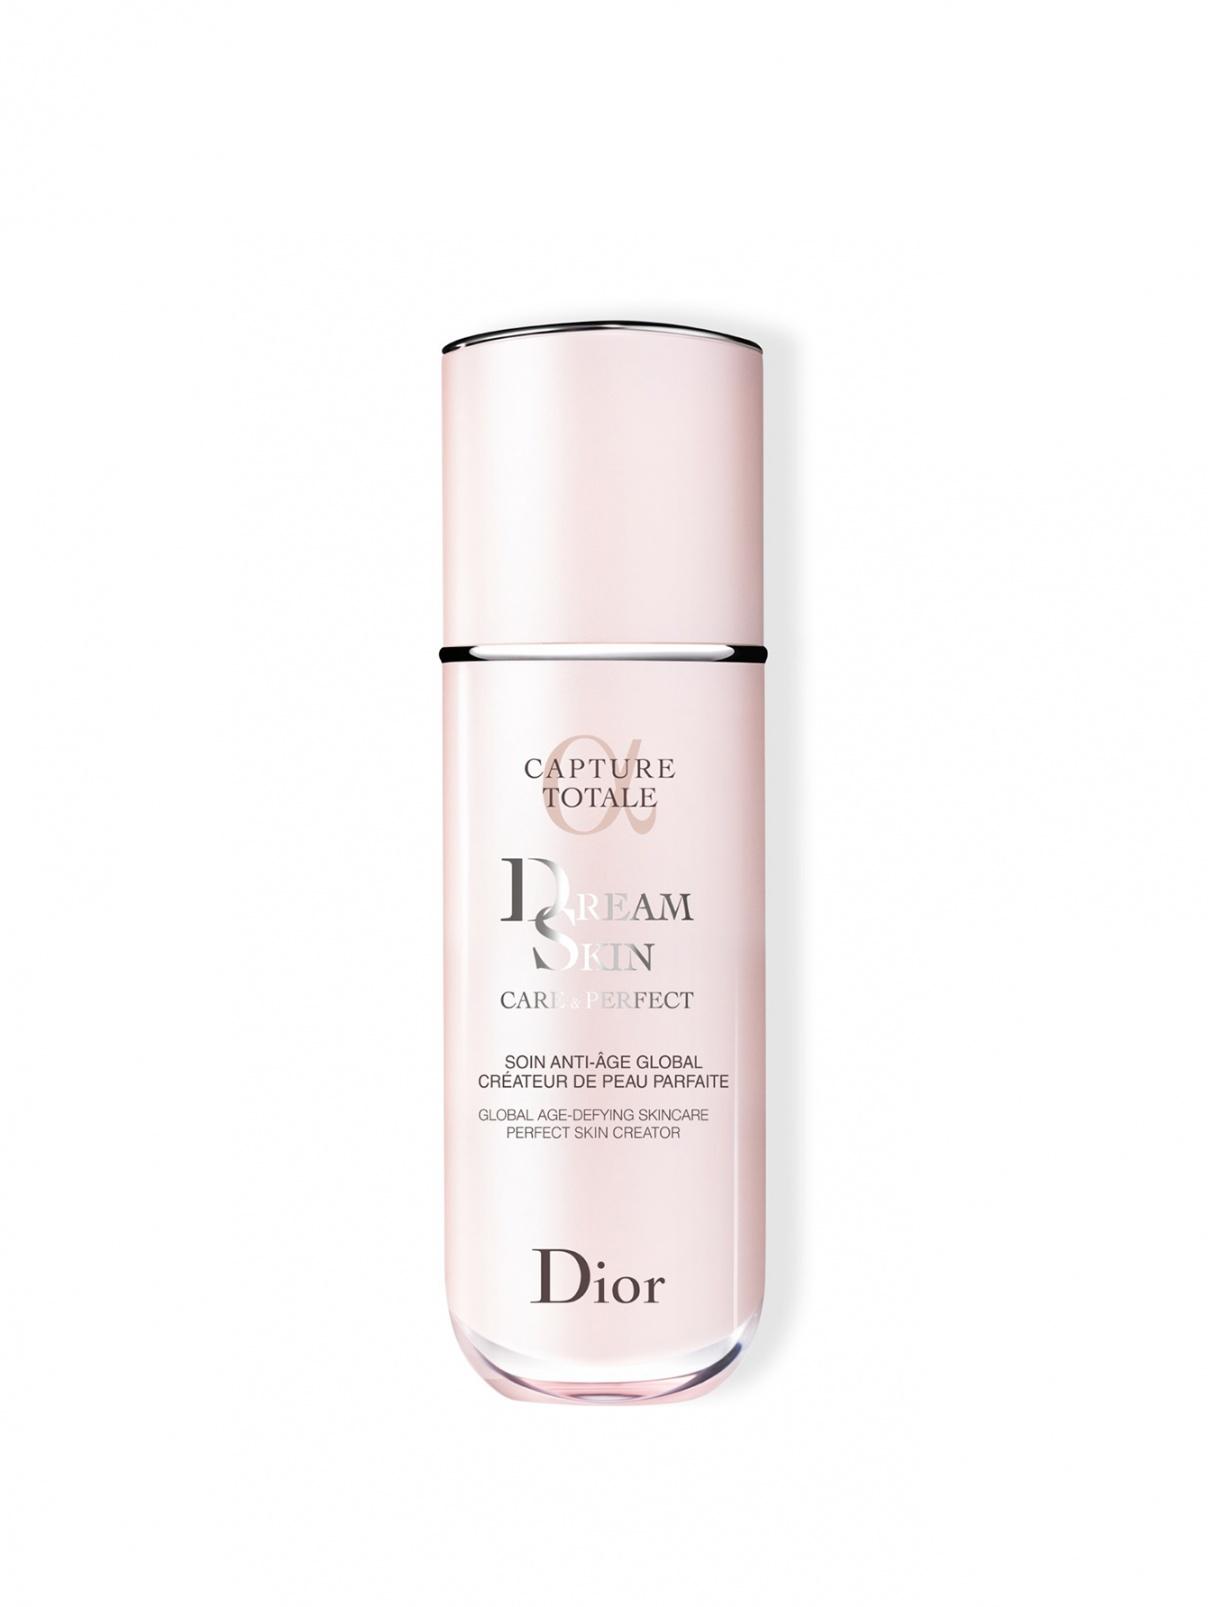 Capture Totale Dreamskin Care&Perfect Омолаживающий совершенствующий флюид 75 мл Christian Dior  –  Общий вид